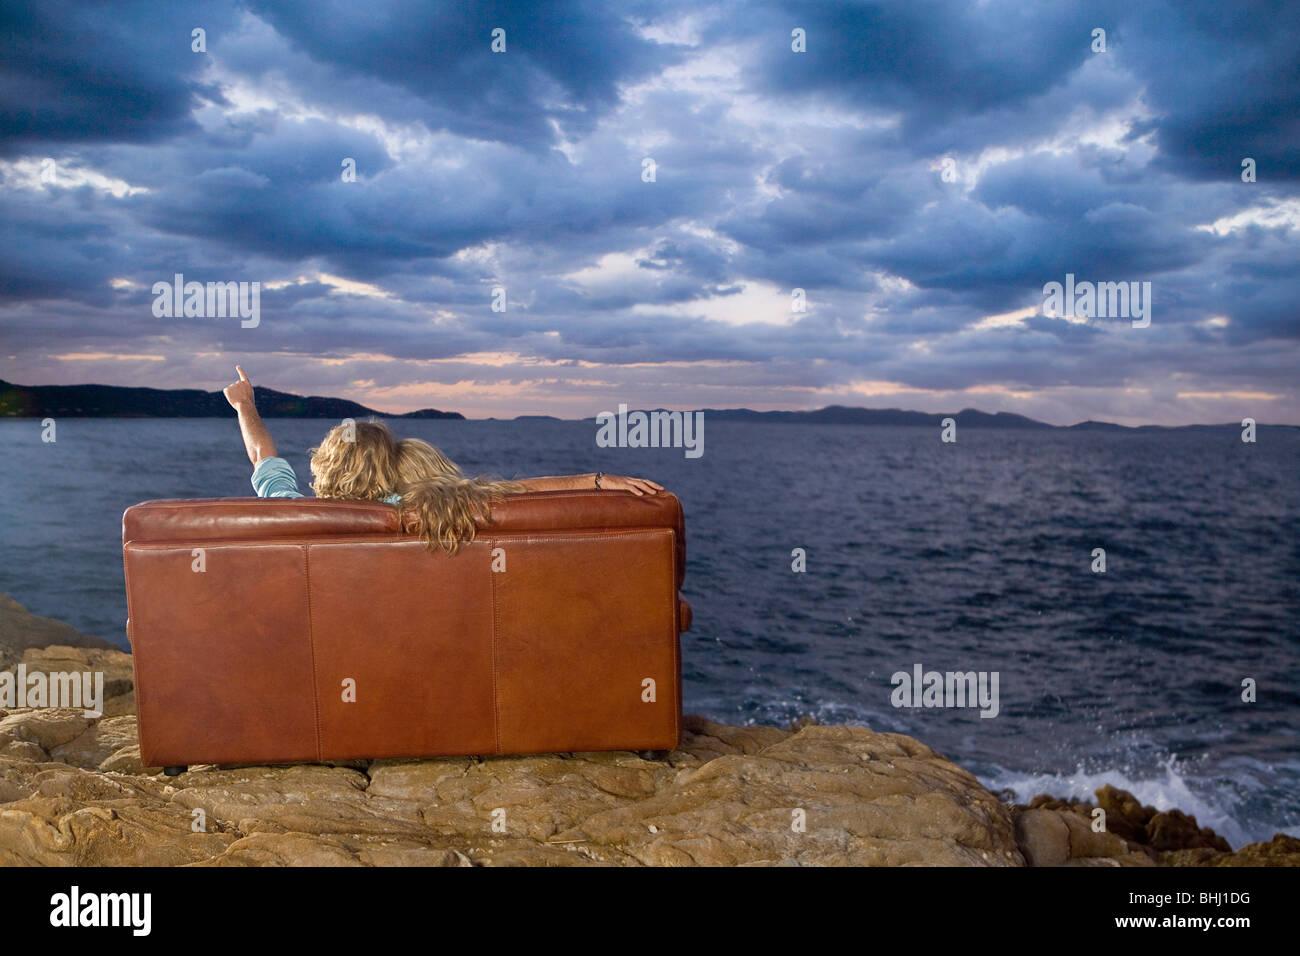 Pareja de cama mire cielo y mar Imagen De Stock